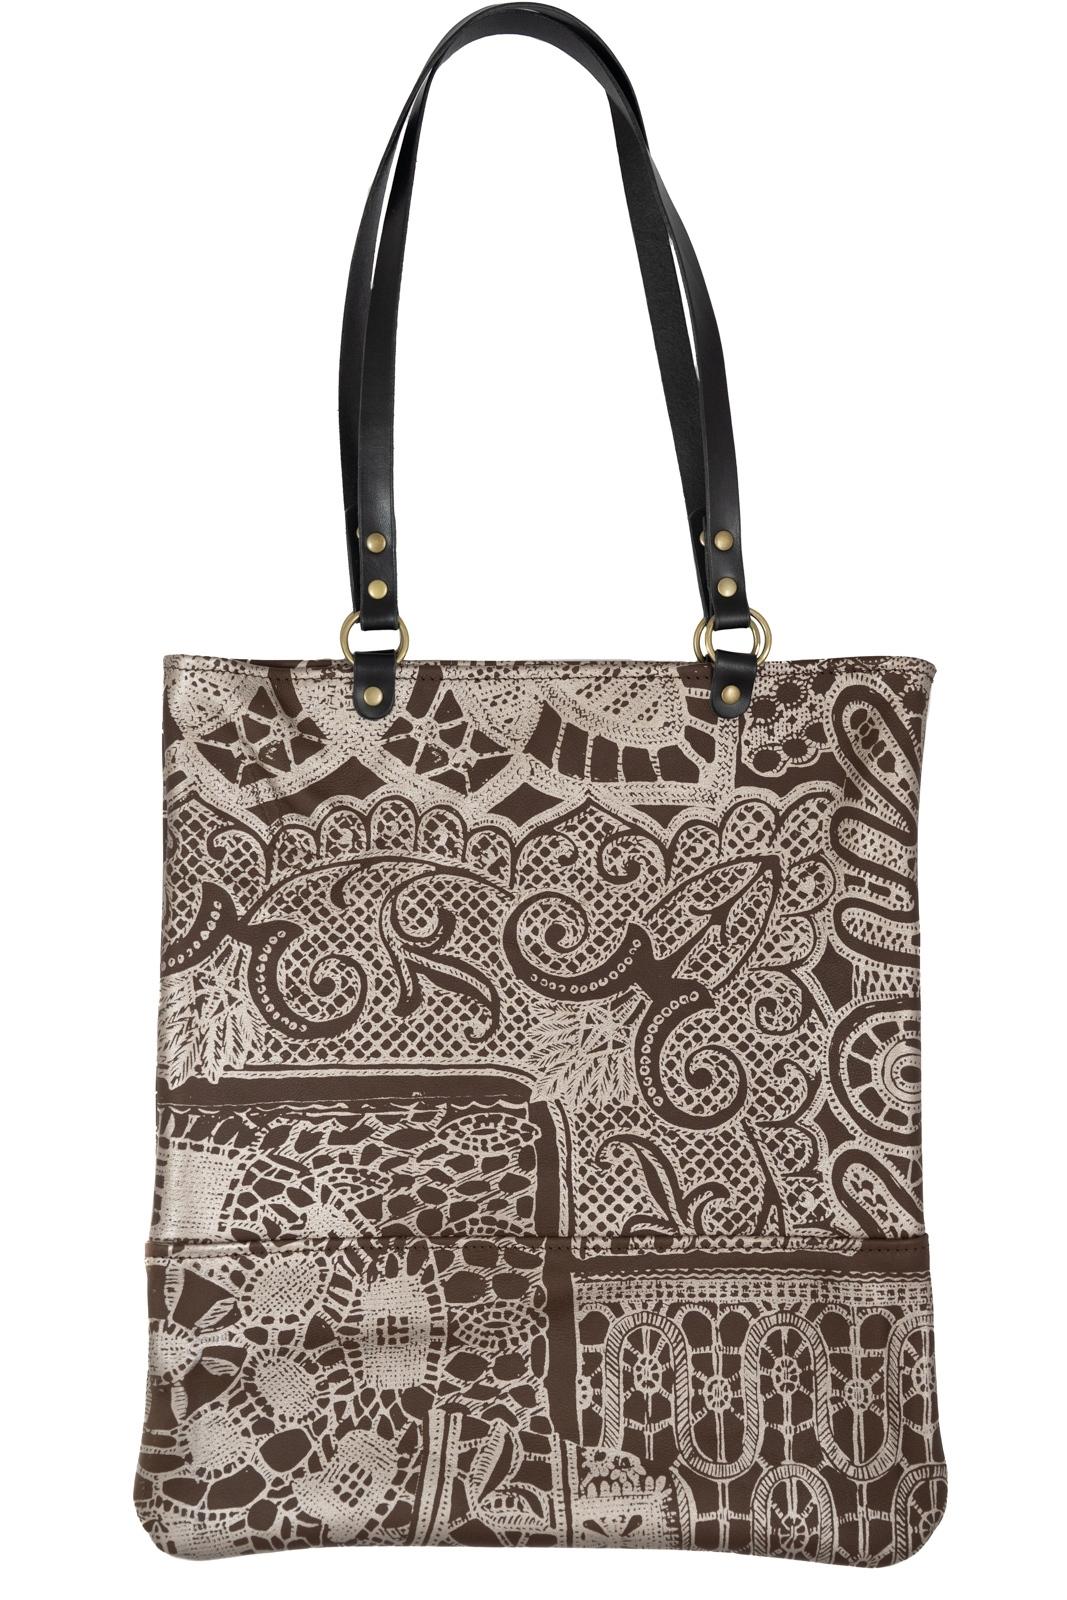 Lena Print Tote Bag - In Stock